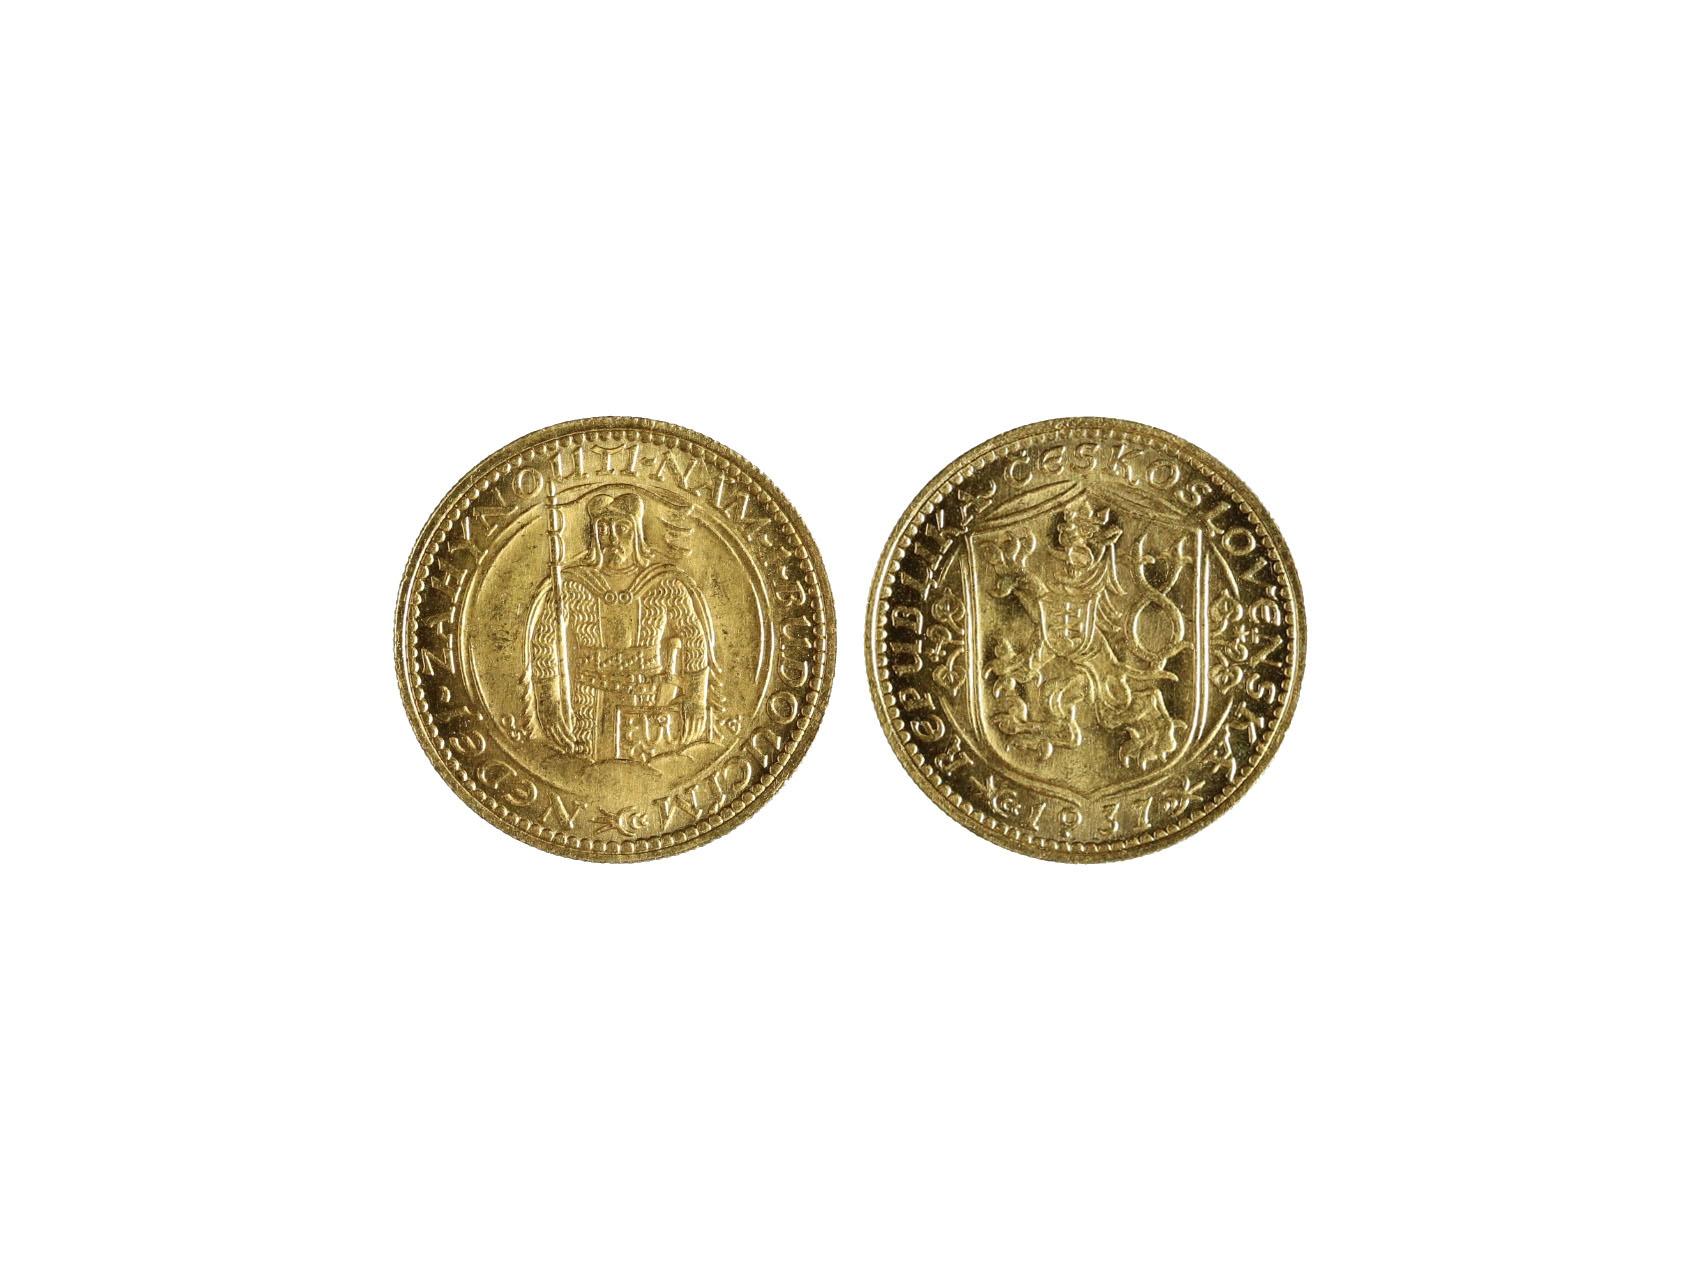 Československo 1918-1939 - Dukát 1937, 3.491 g, 986/1000, raženo 324 ks, N16, vzácný, pravý, krásná kvalita